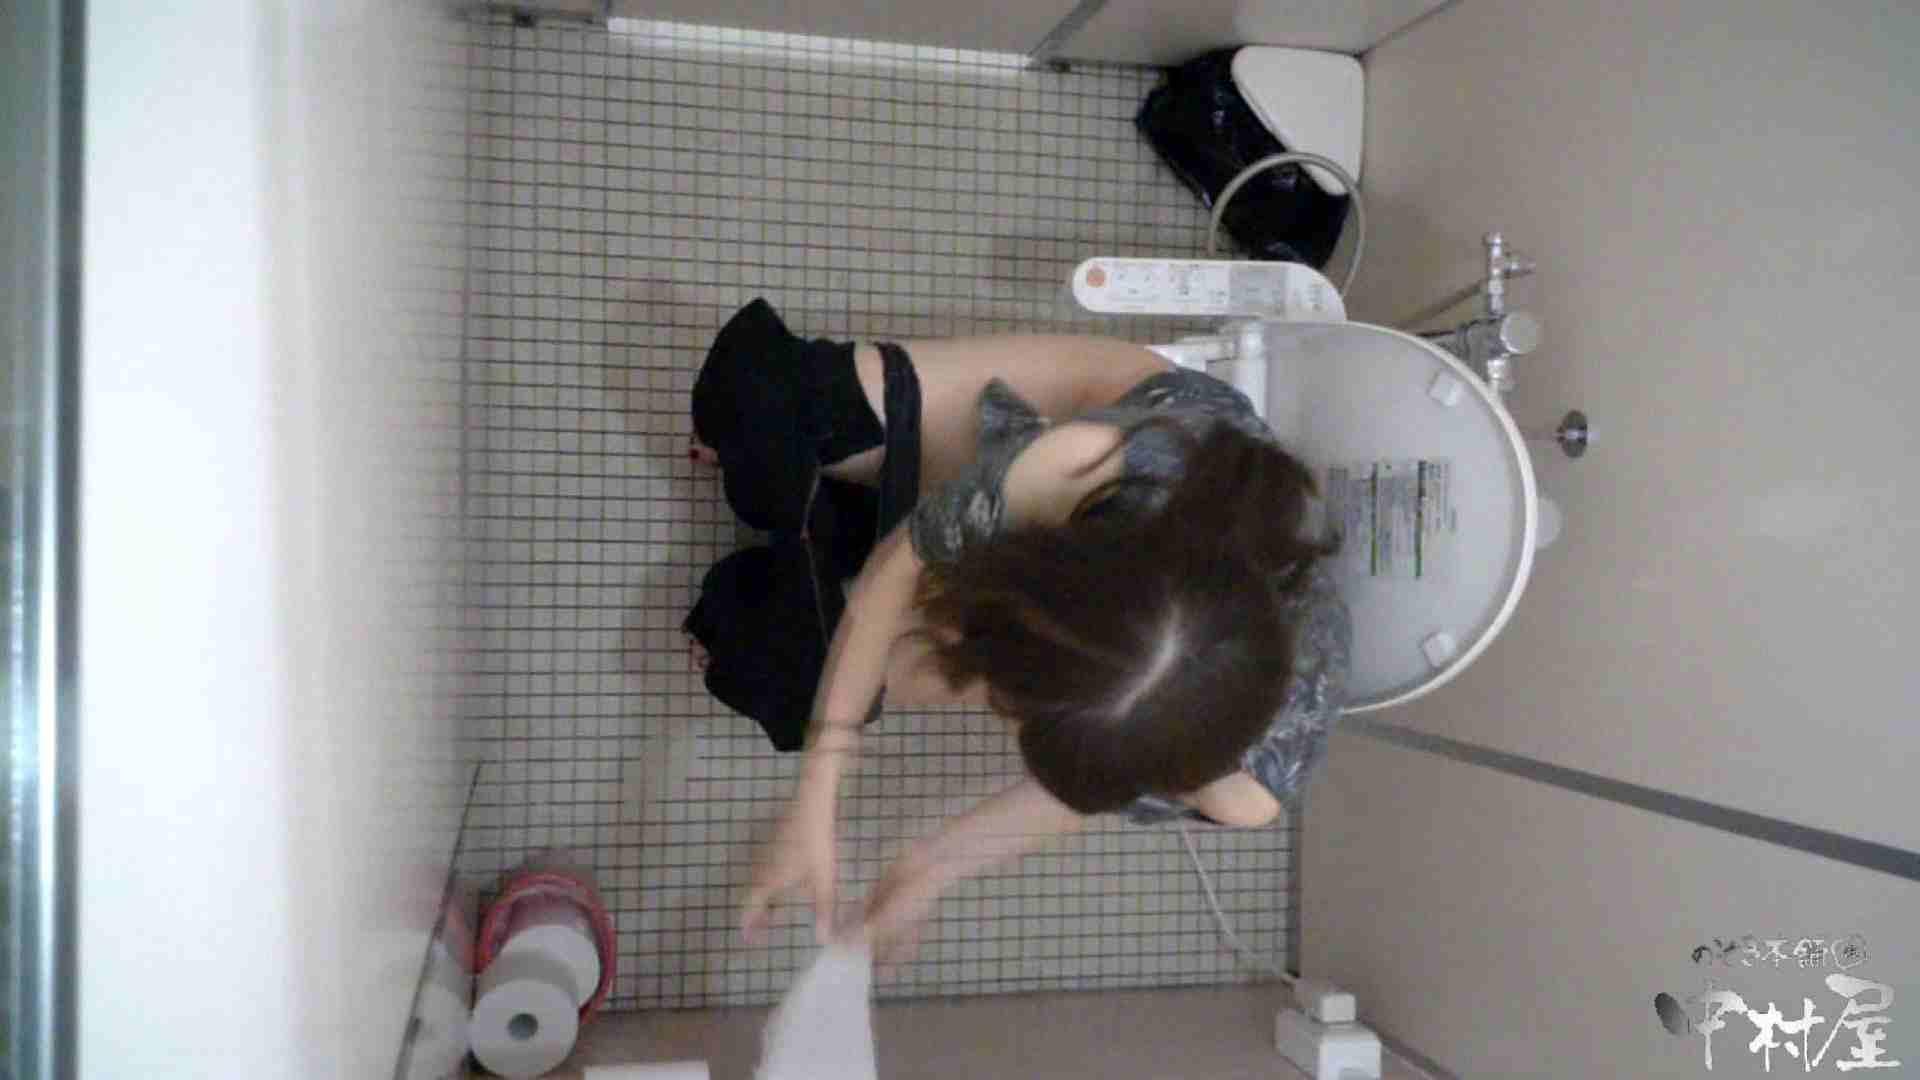 【某有名大学女性洗面所】有名大学女性洗面所 vol.43 いつみても神秘的な世界です。 0   0  105pic 1